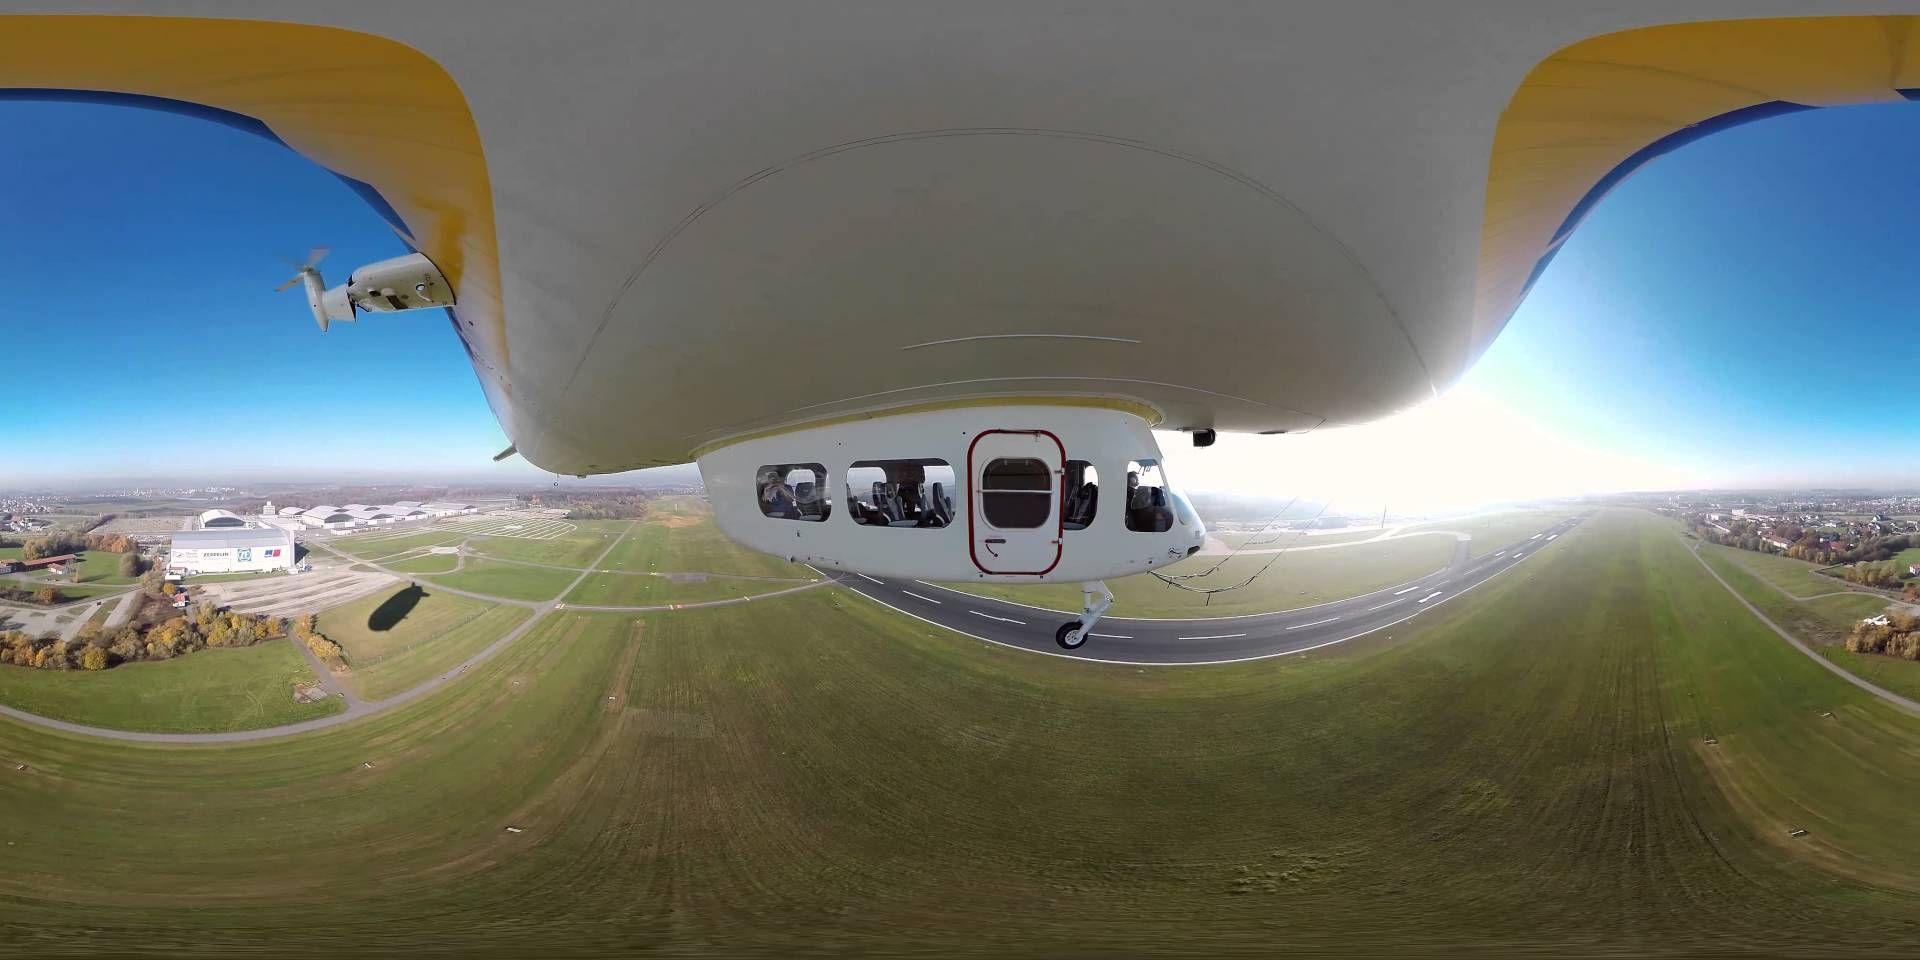 <p>4 WELTPREMIERE: my-panorama.de präsentiert das weltweit erste 360 Grad Video während eines Passagierflugs des weltbekannten Zeppelin NT aus Friedrichshafen. Der Flug ging von Friedrichshafen über den Bodensee (der sich unter den Wolken versteckt) bis nach St. Gallen in der Schweiz. Wir bedanken uns bei der Zeppelin ZLT Zeppelin Luftschifftechnik GmbH & CO KG und der Deutschen Zeppelin-Reederei GmbH für die Drehgenehmigungen und Unterstützung für dieses 360° Video. Dieses Video kann m...